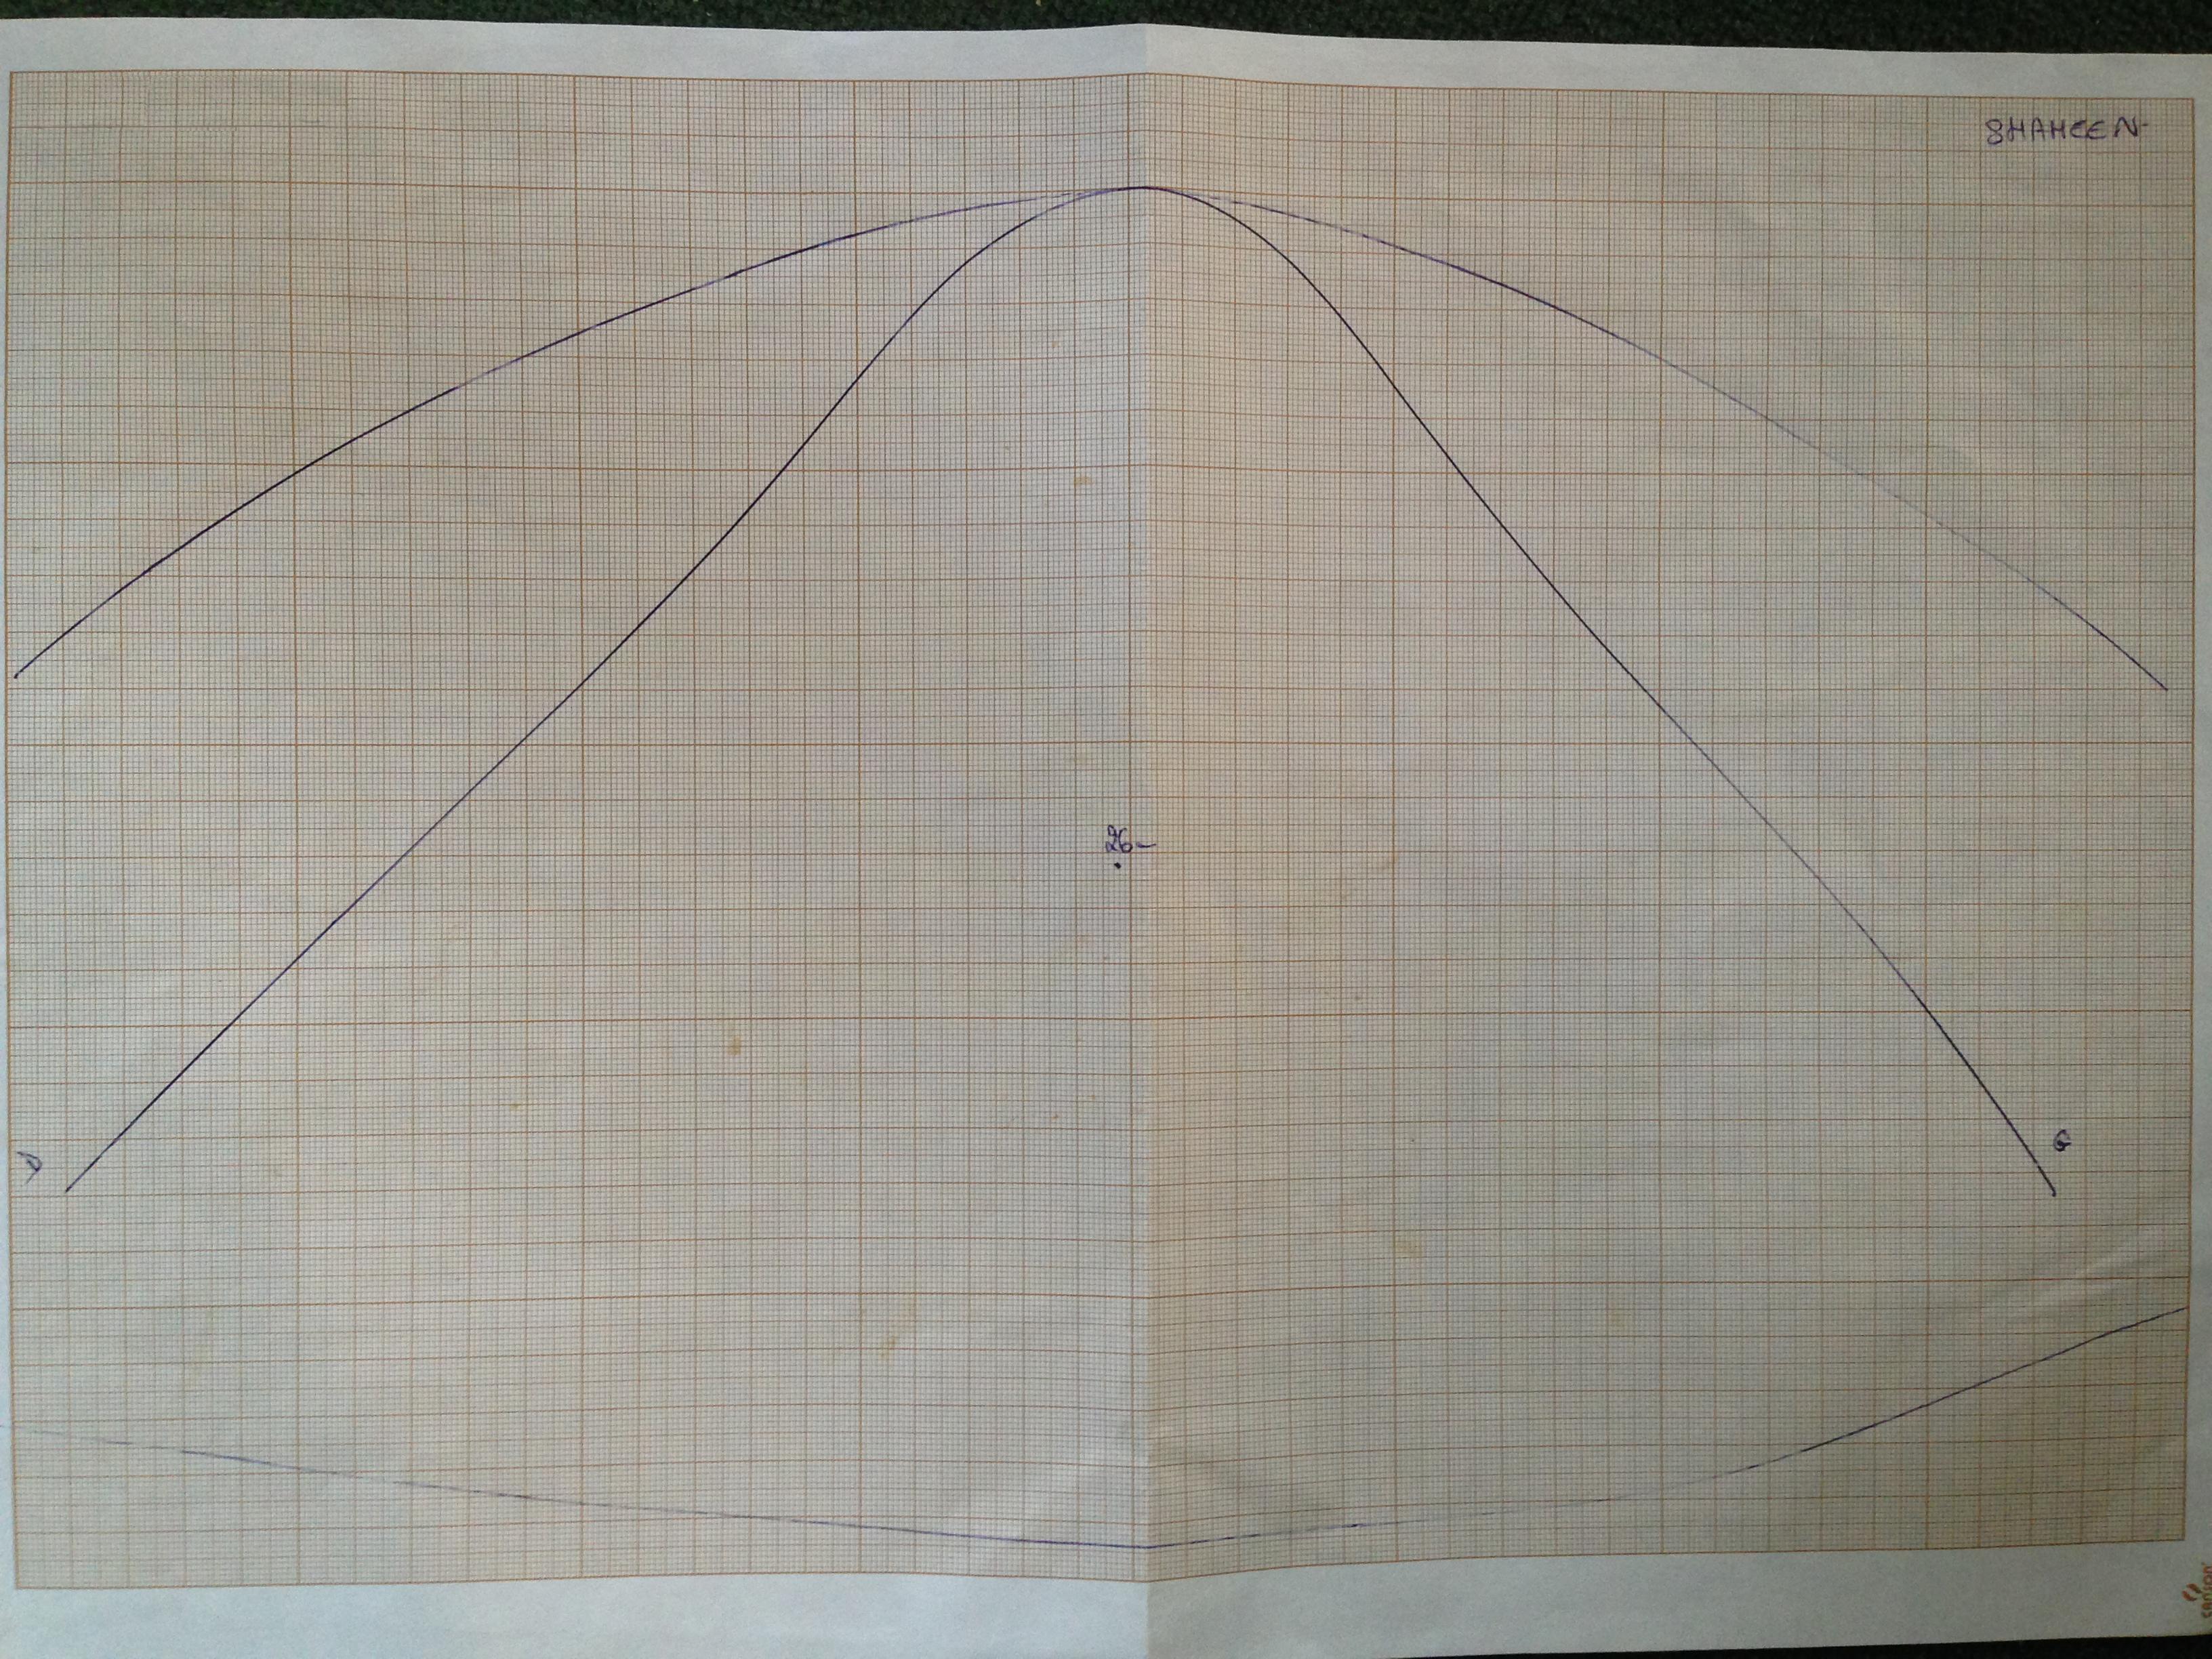 De haut en bas : Courbe prise au trois doigts derrière le garrot, courbe du garrot et courbe du dos de Shaheen dans la longueur.